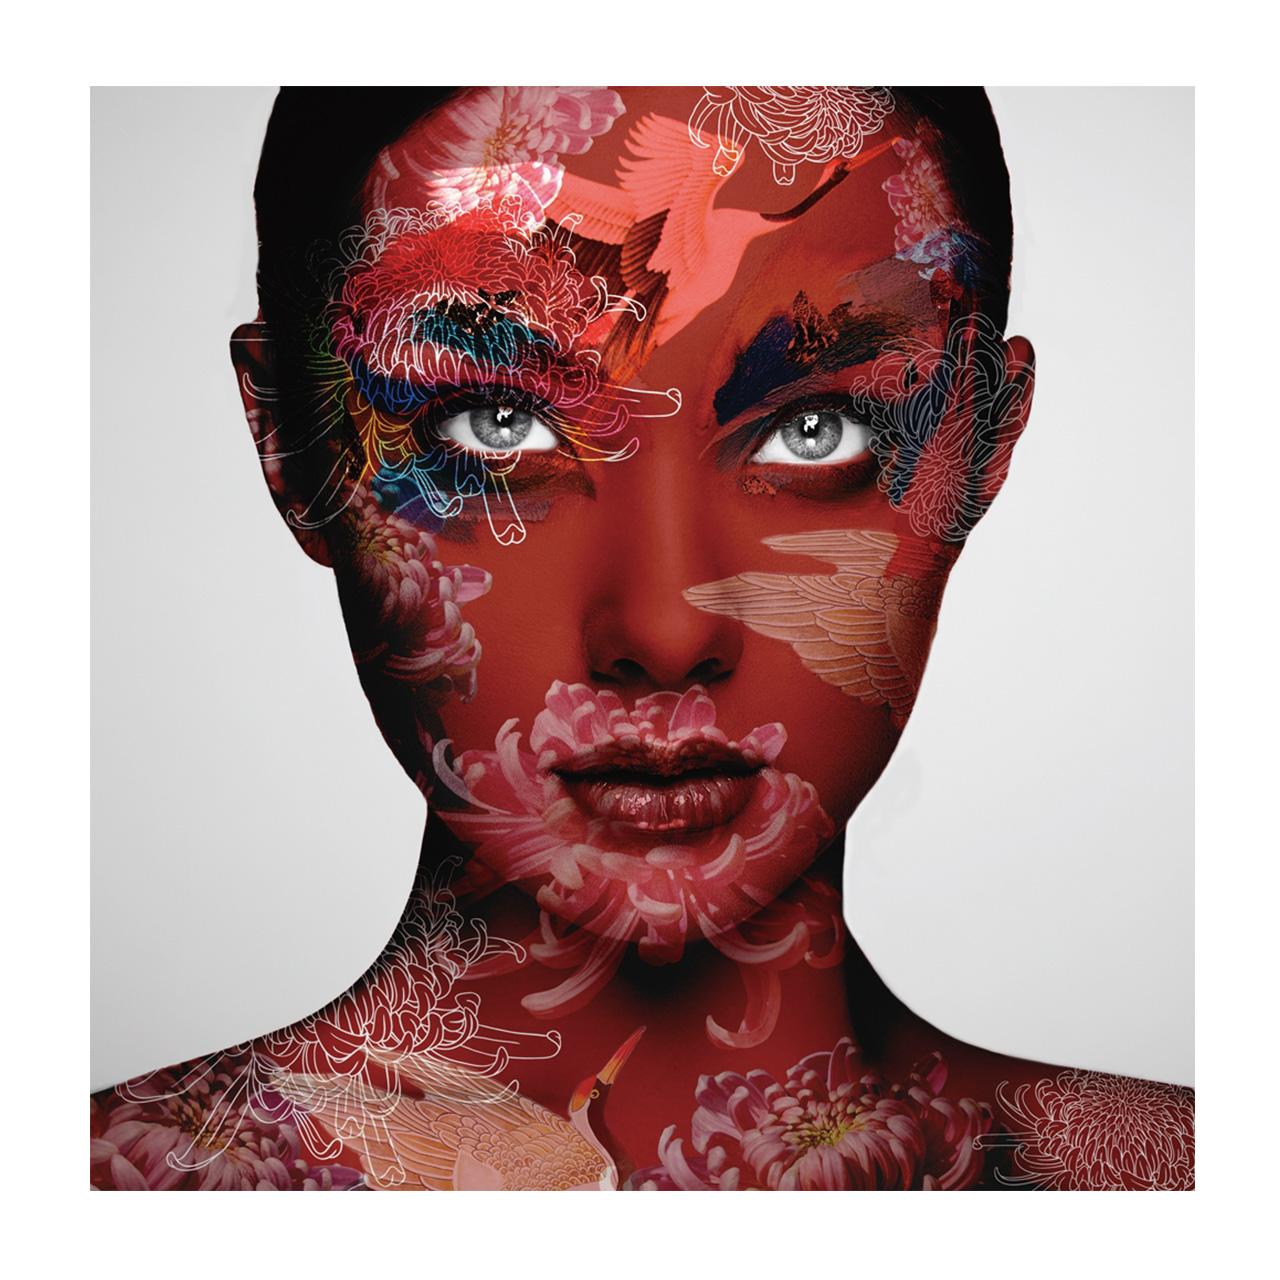 Imageland Bild Frau in Rot mit chinesischem Muster